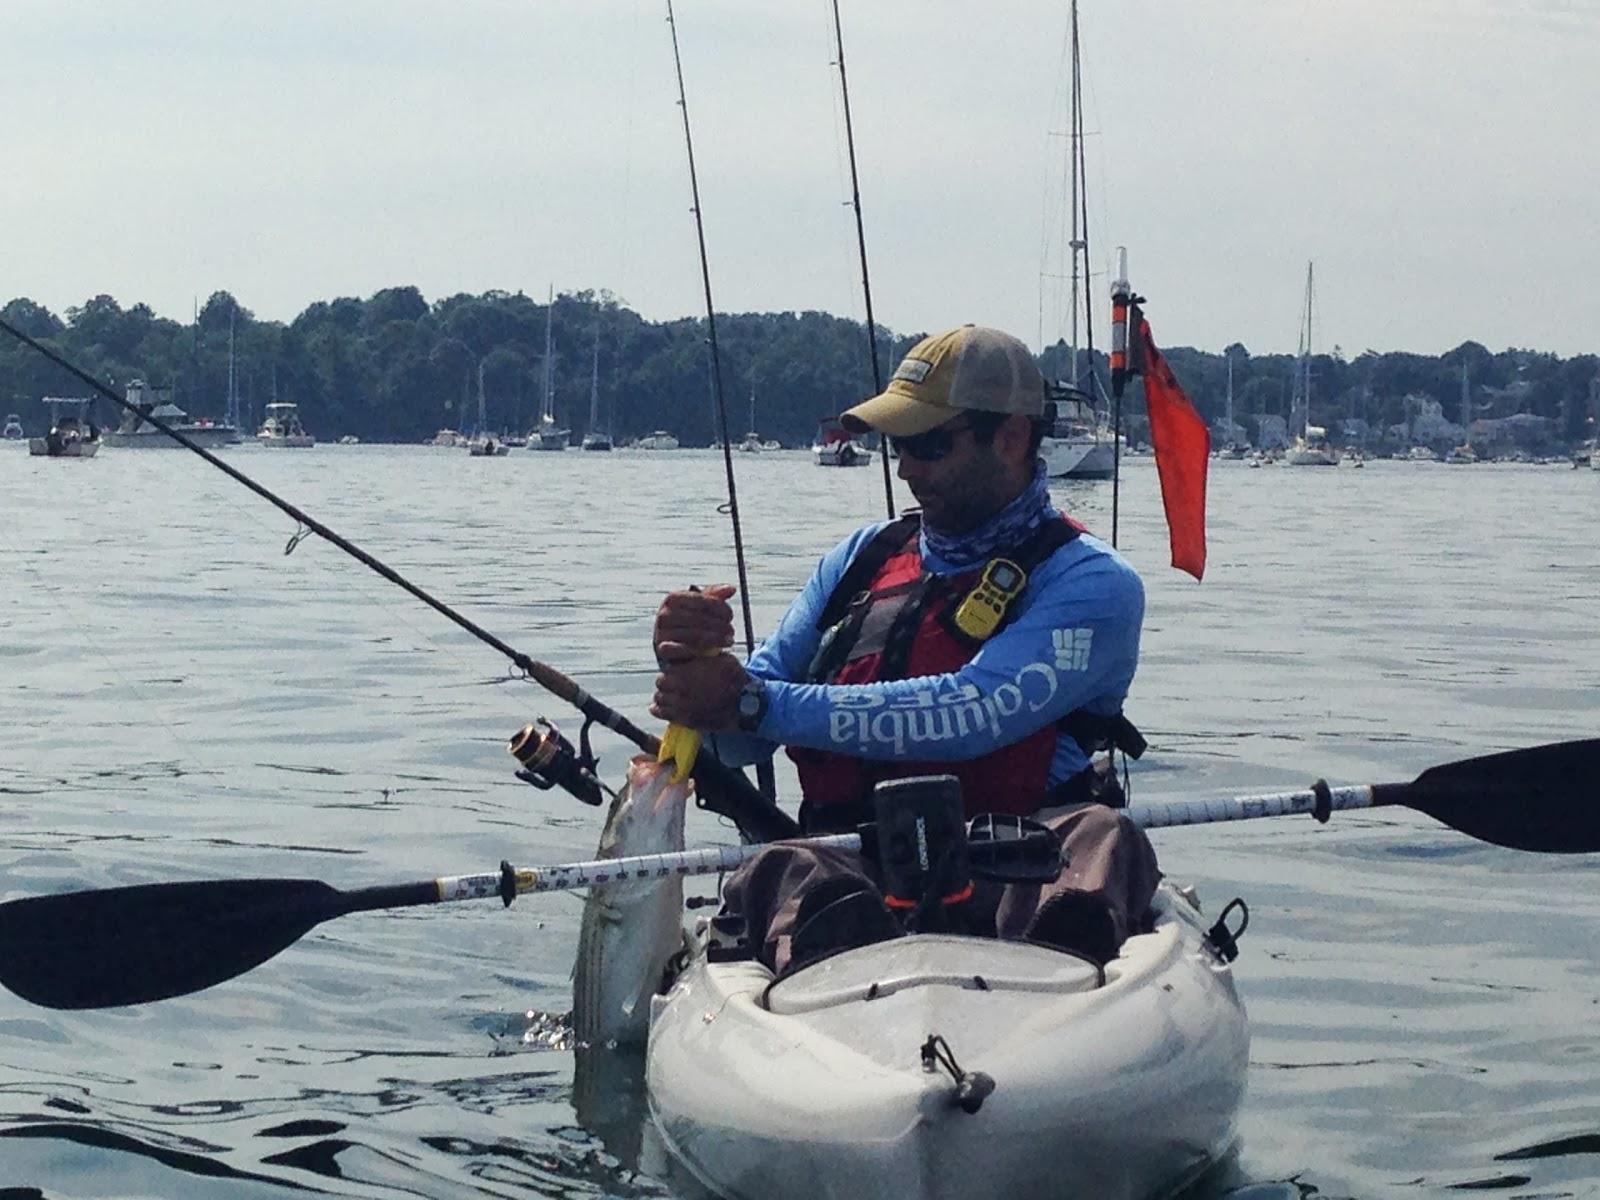 Interstate kayak fishing 9th annual new england kayak for Kayak fishing tournaments